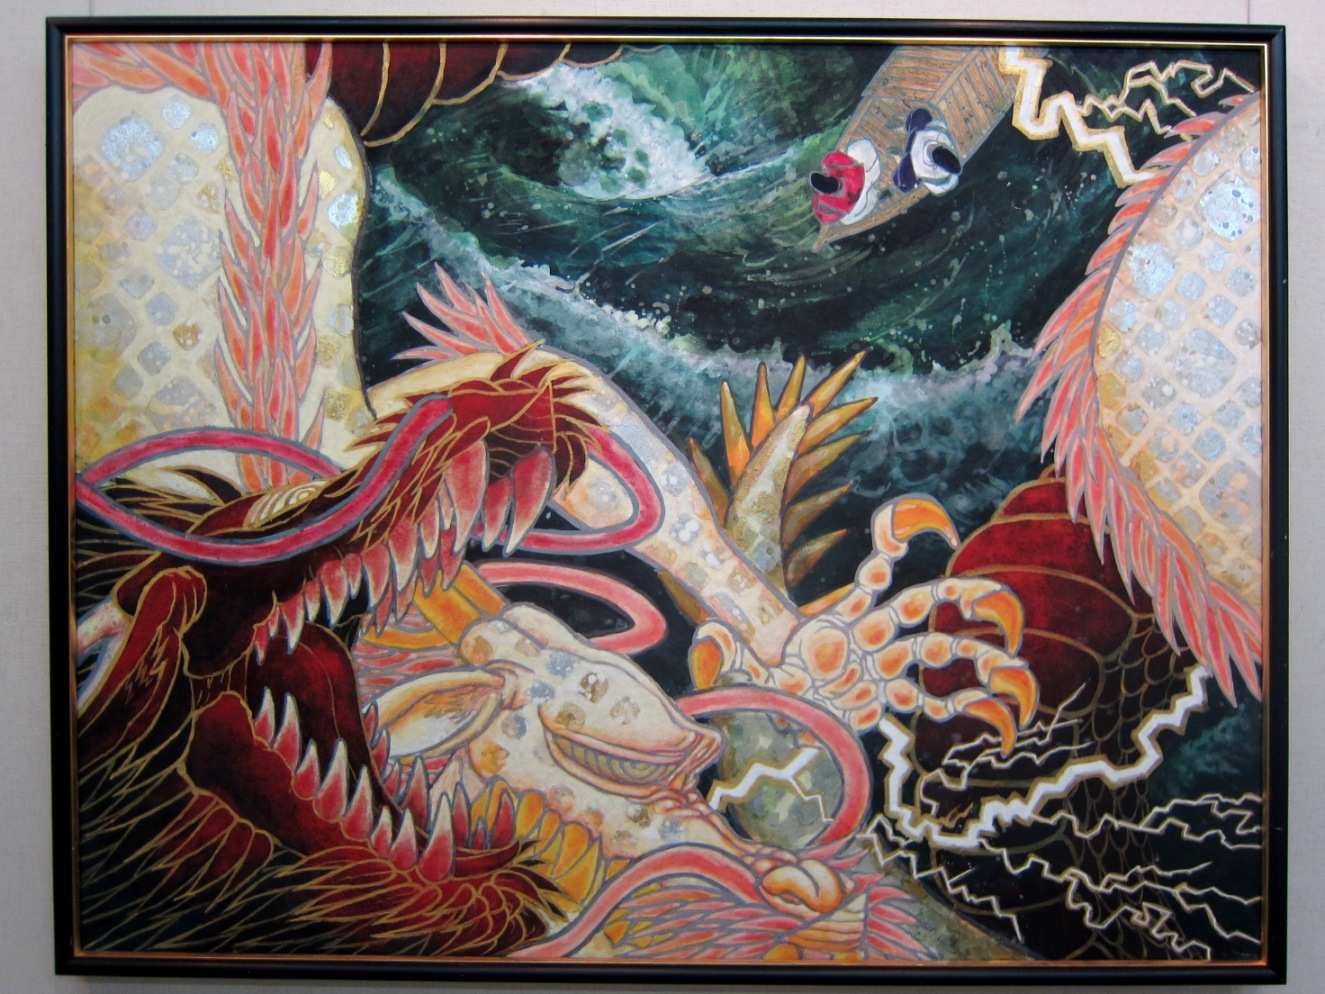 2072)②「北の日本画展 第28回」 時計台 終了5月20日(月)~5月25日(土)_f0126829_22251545.jpg